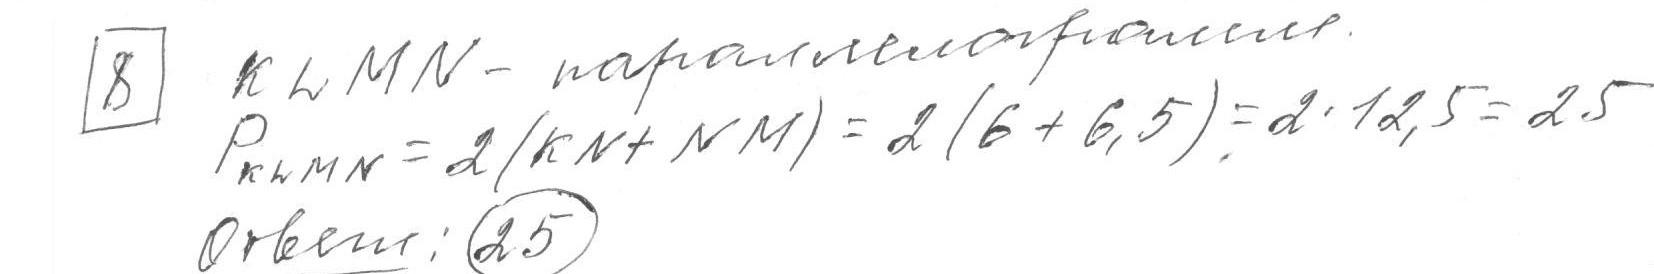 Задние 8, Вариант 1, решение и ответ - Прокофьев, ЕГЭ 2019 математика профиль 25 вариантов (Просвещение)